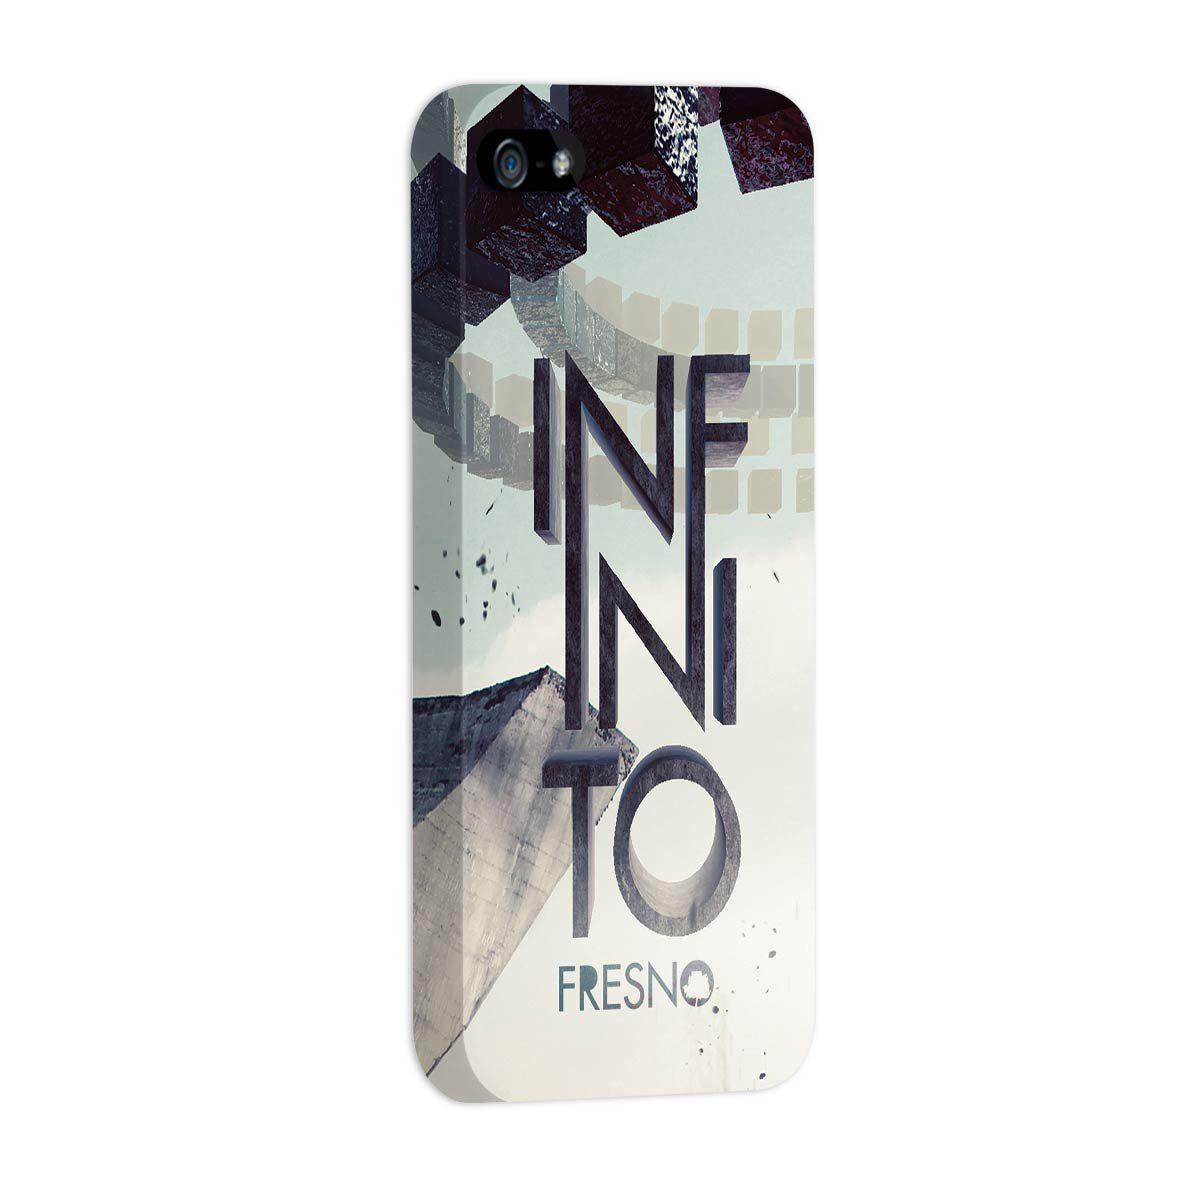 Capa de iPhone 5/5S Fresno - Infinito